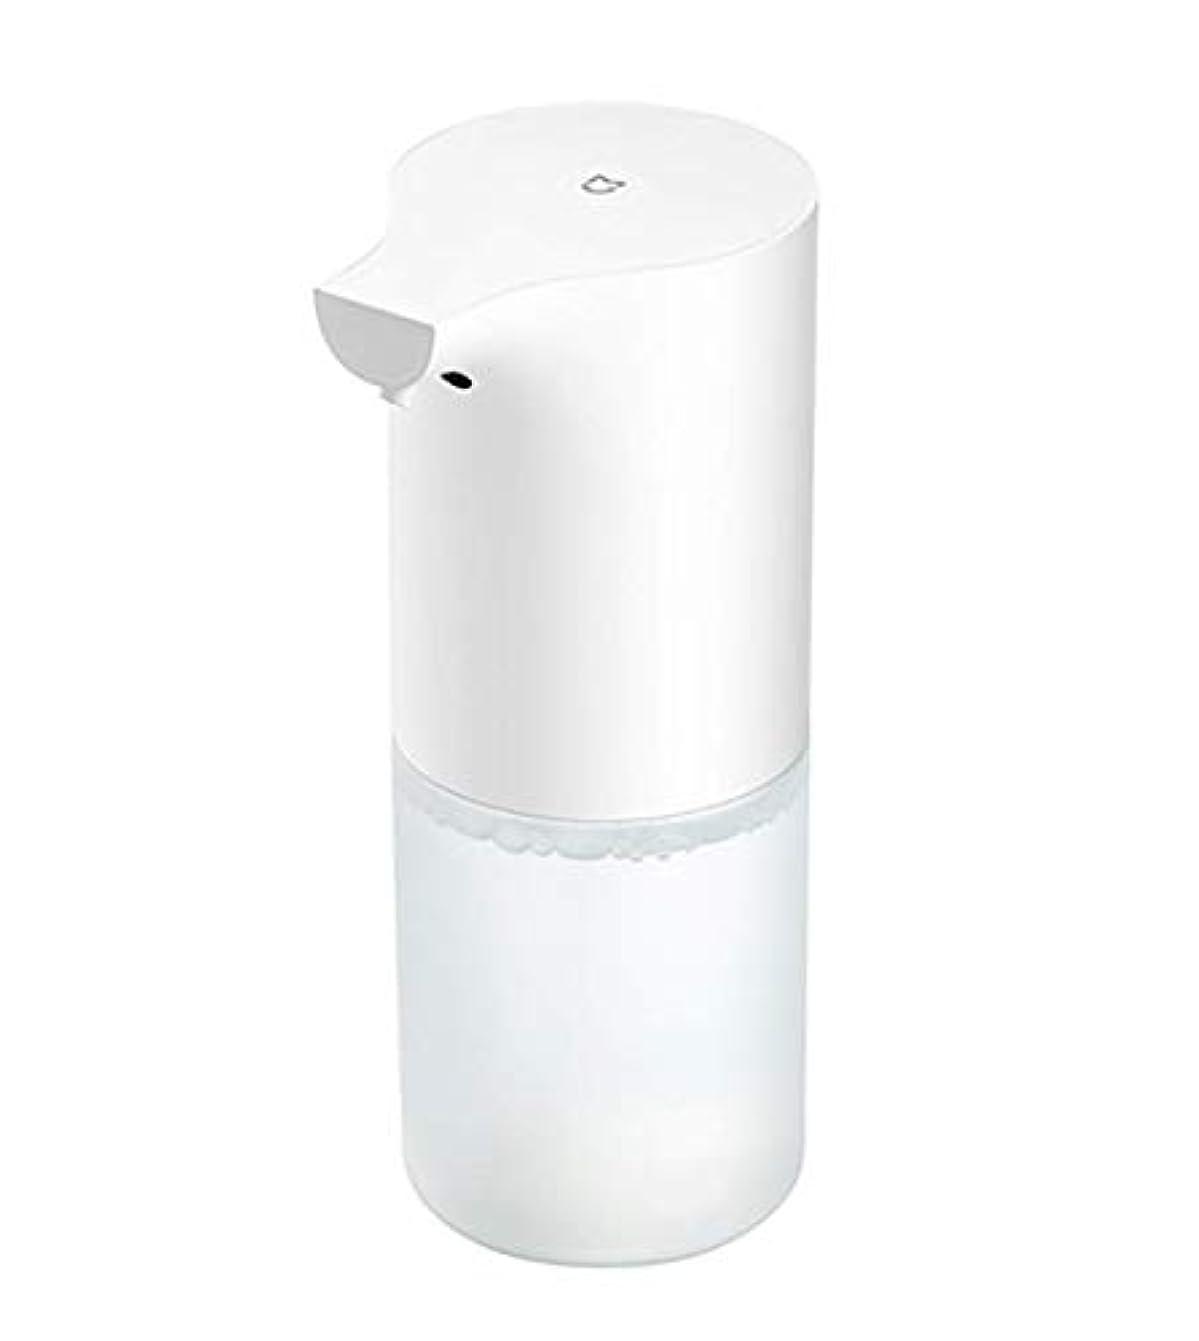 実行可能週間実施する自動誘導発泡ハンドウォッシャーフォームソープディスペンサー赤外線センサーソープディスペンサー用浴室キッチン